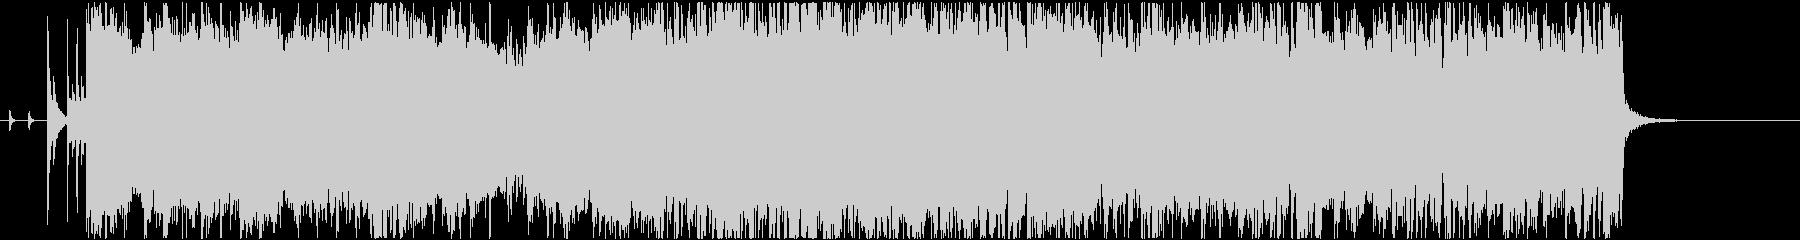 ハードロック/エレキギター/オープニングの未再生の波形